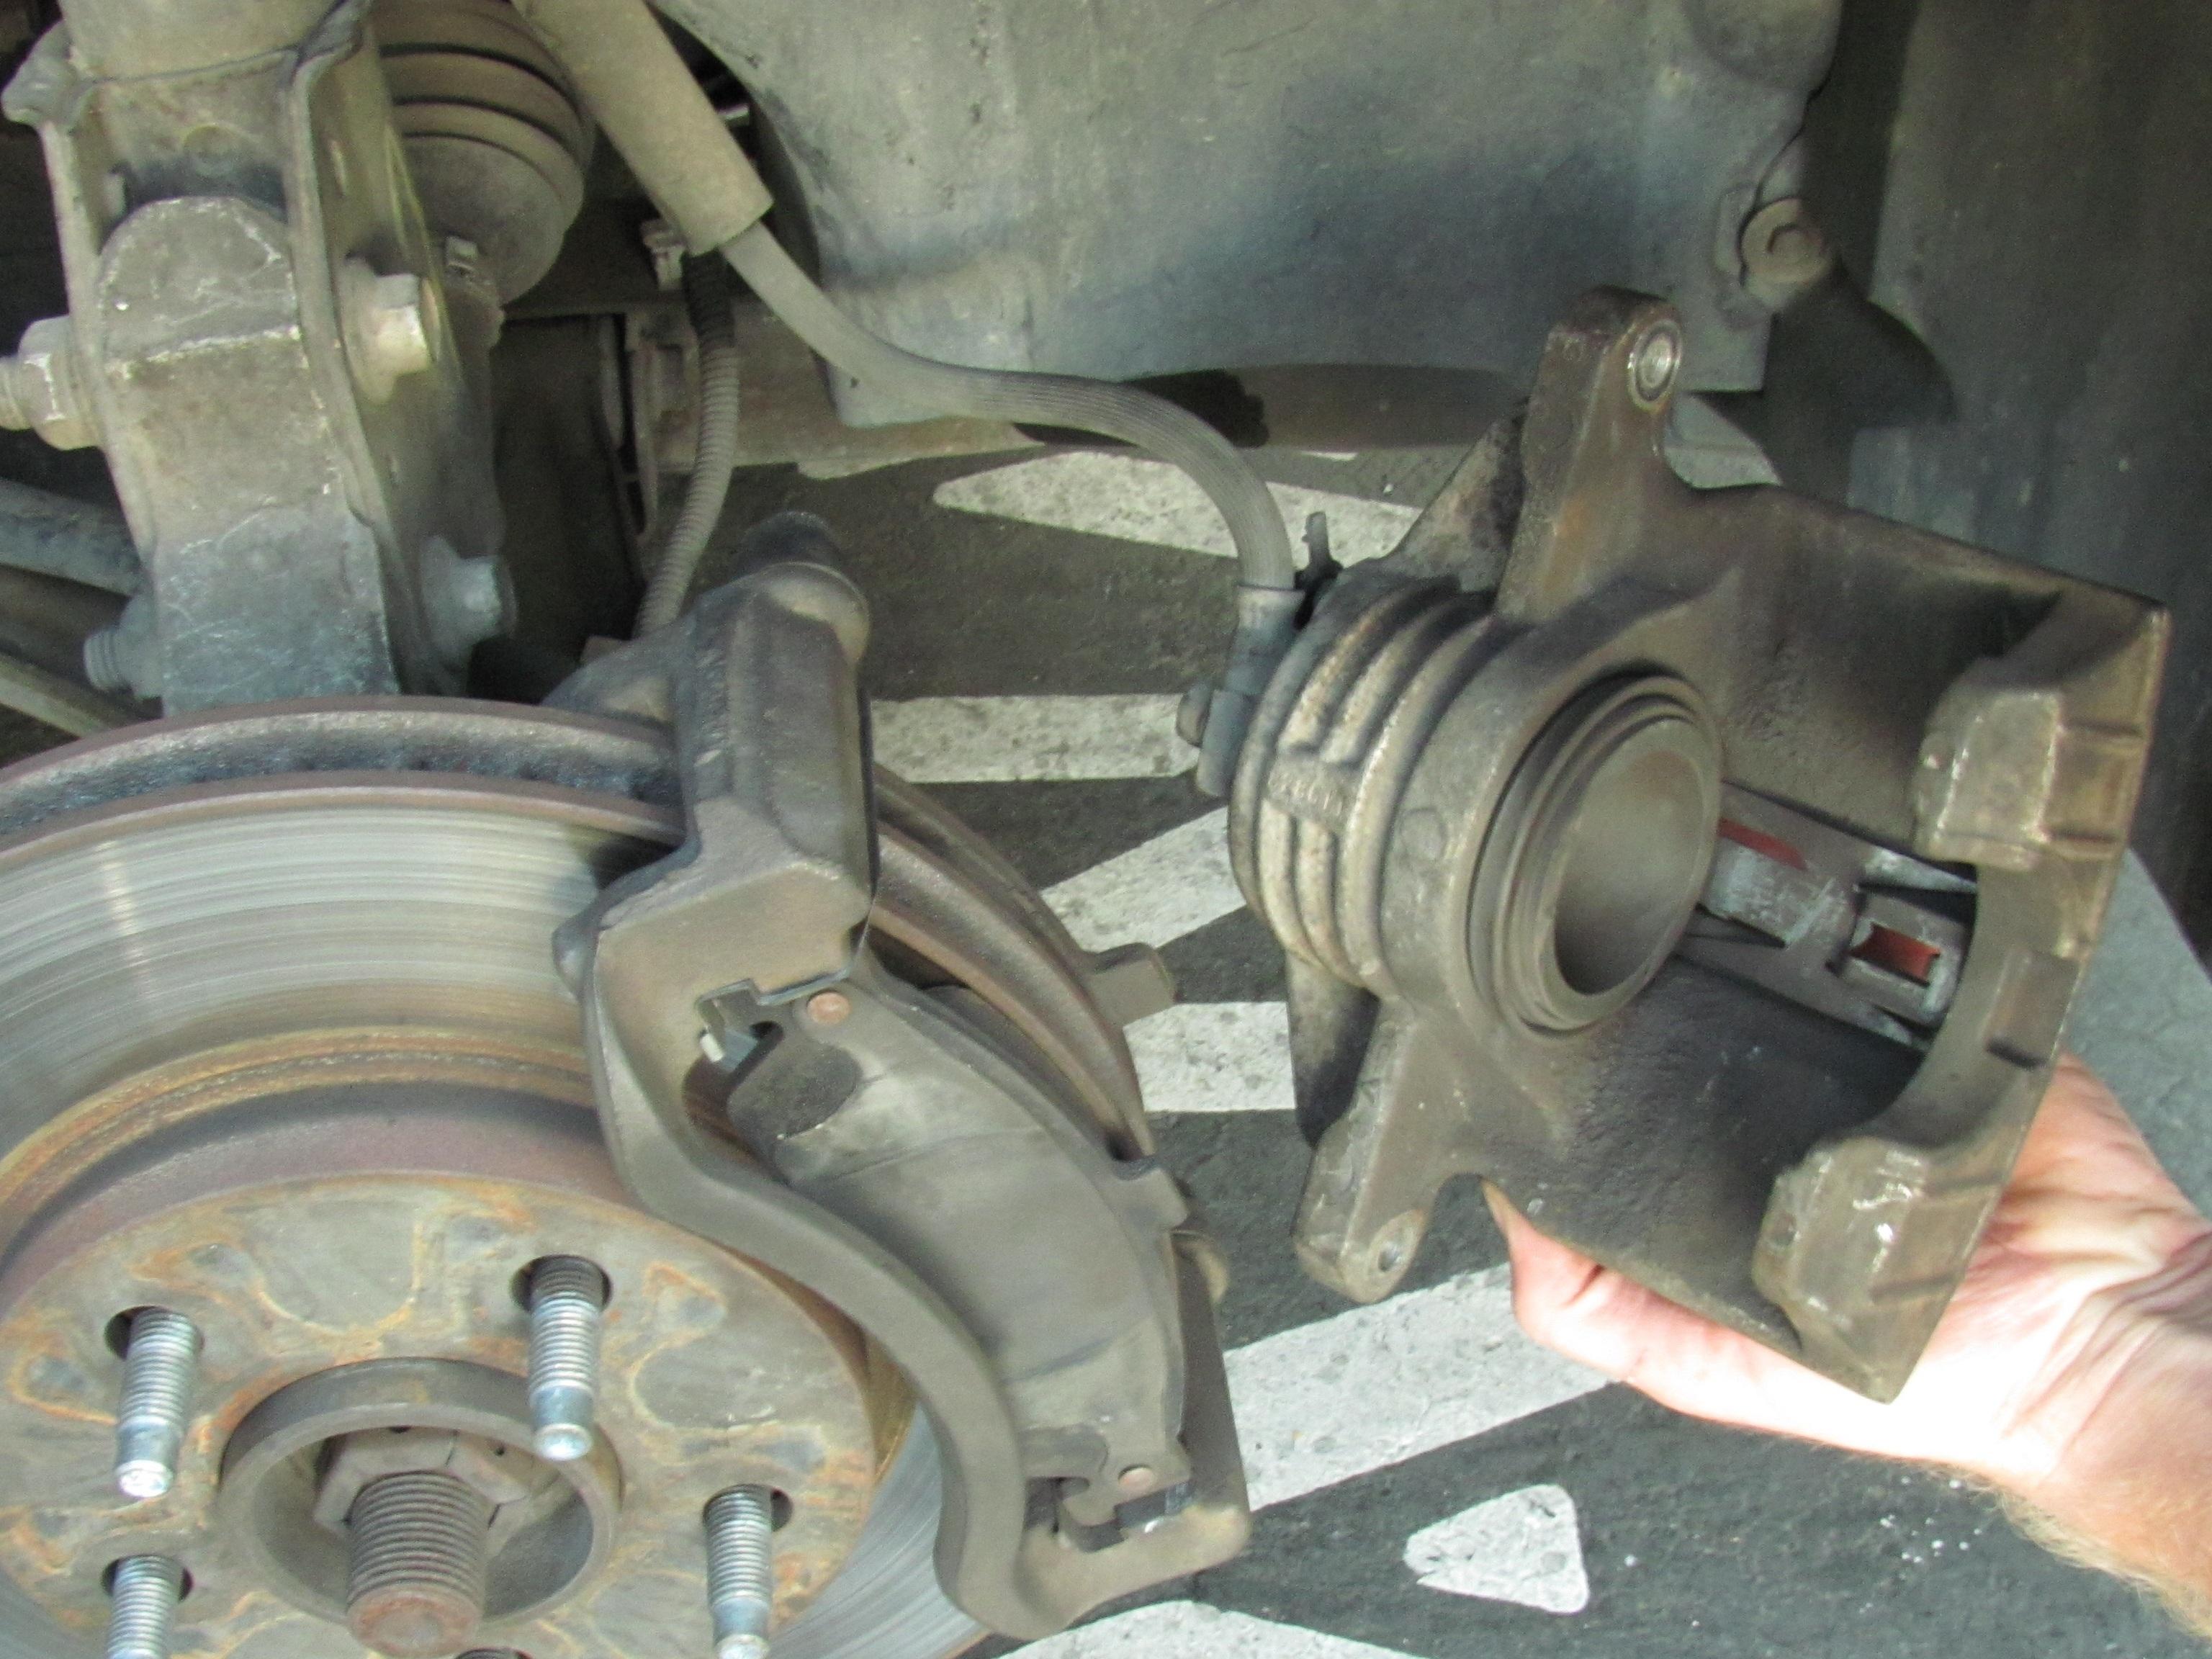 19972003 Chevrolet Malibu Repair 1997 1998 1999 2000 2001